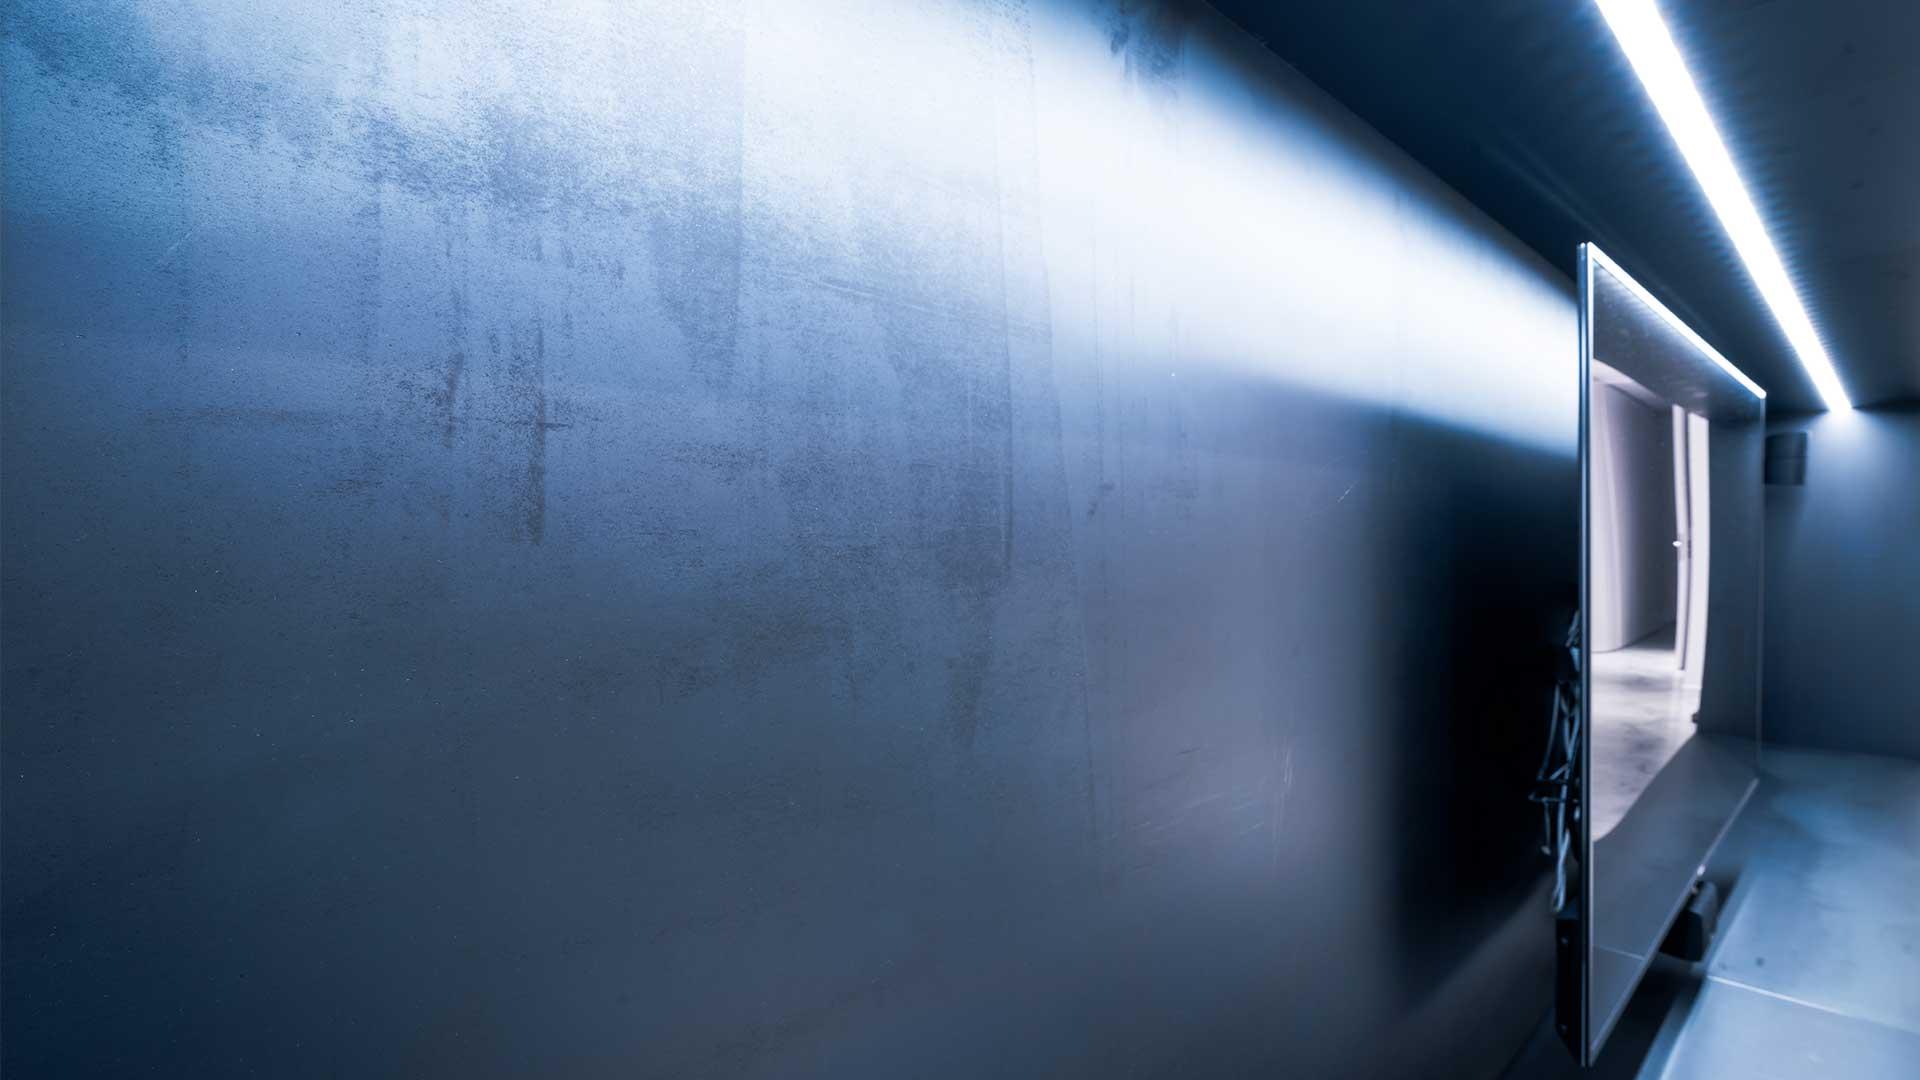 Nische aus schwarzem Stahl mit TV Gerät und nachhaltigem LED-Band zur Beleuchtung